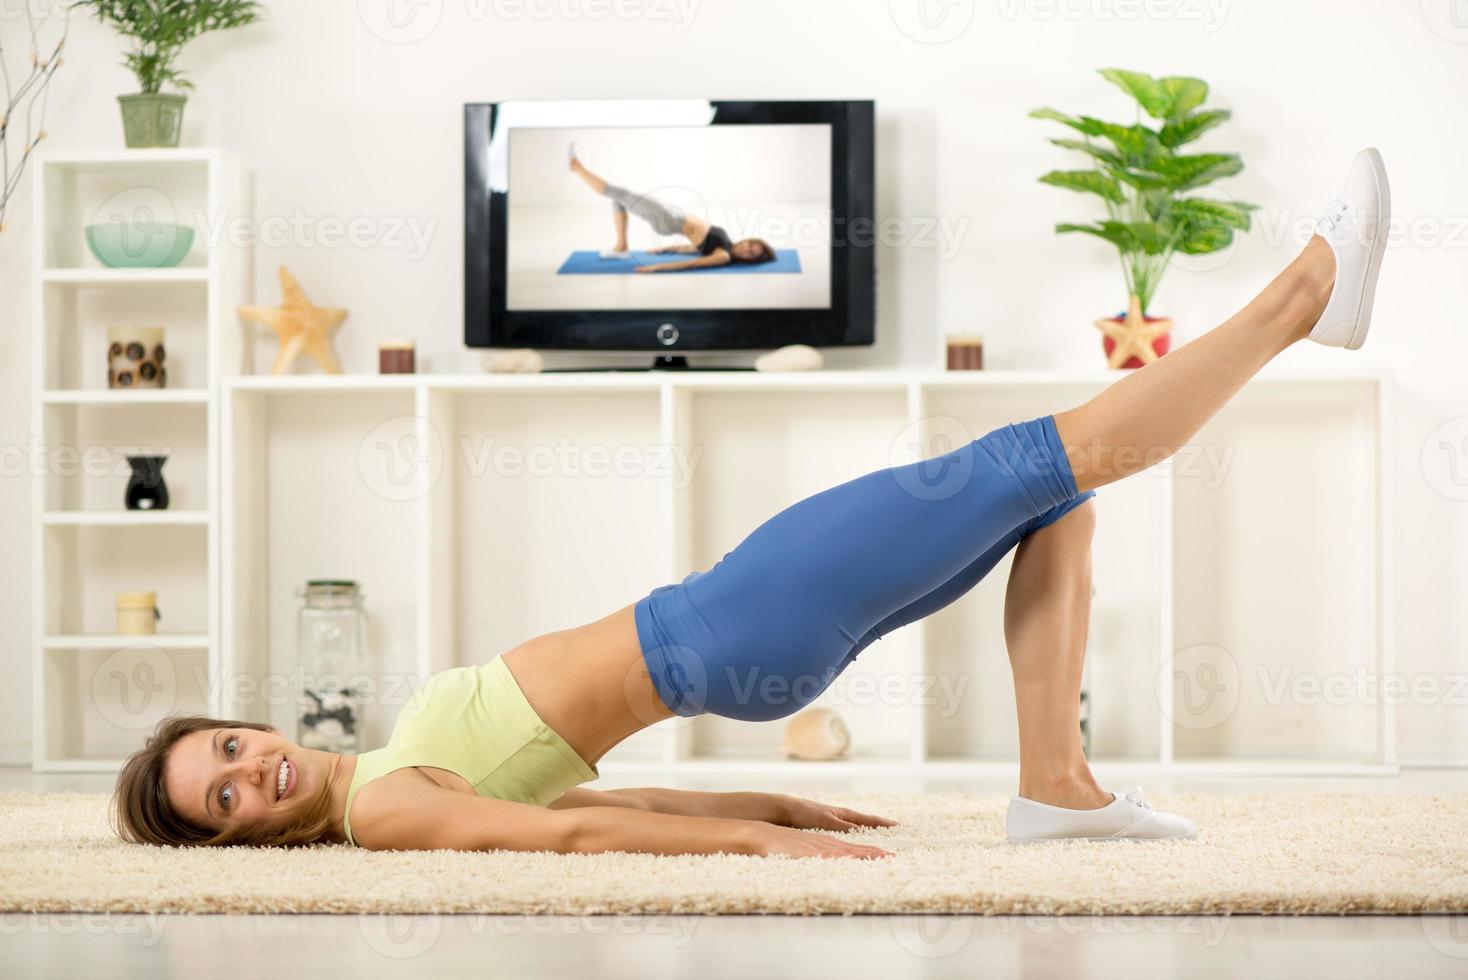 hacer ejercicio en casa foto